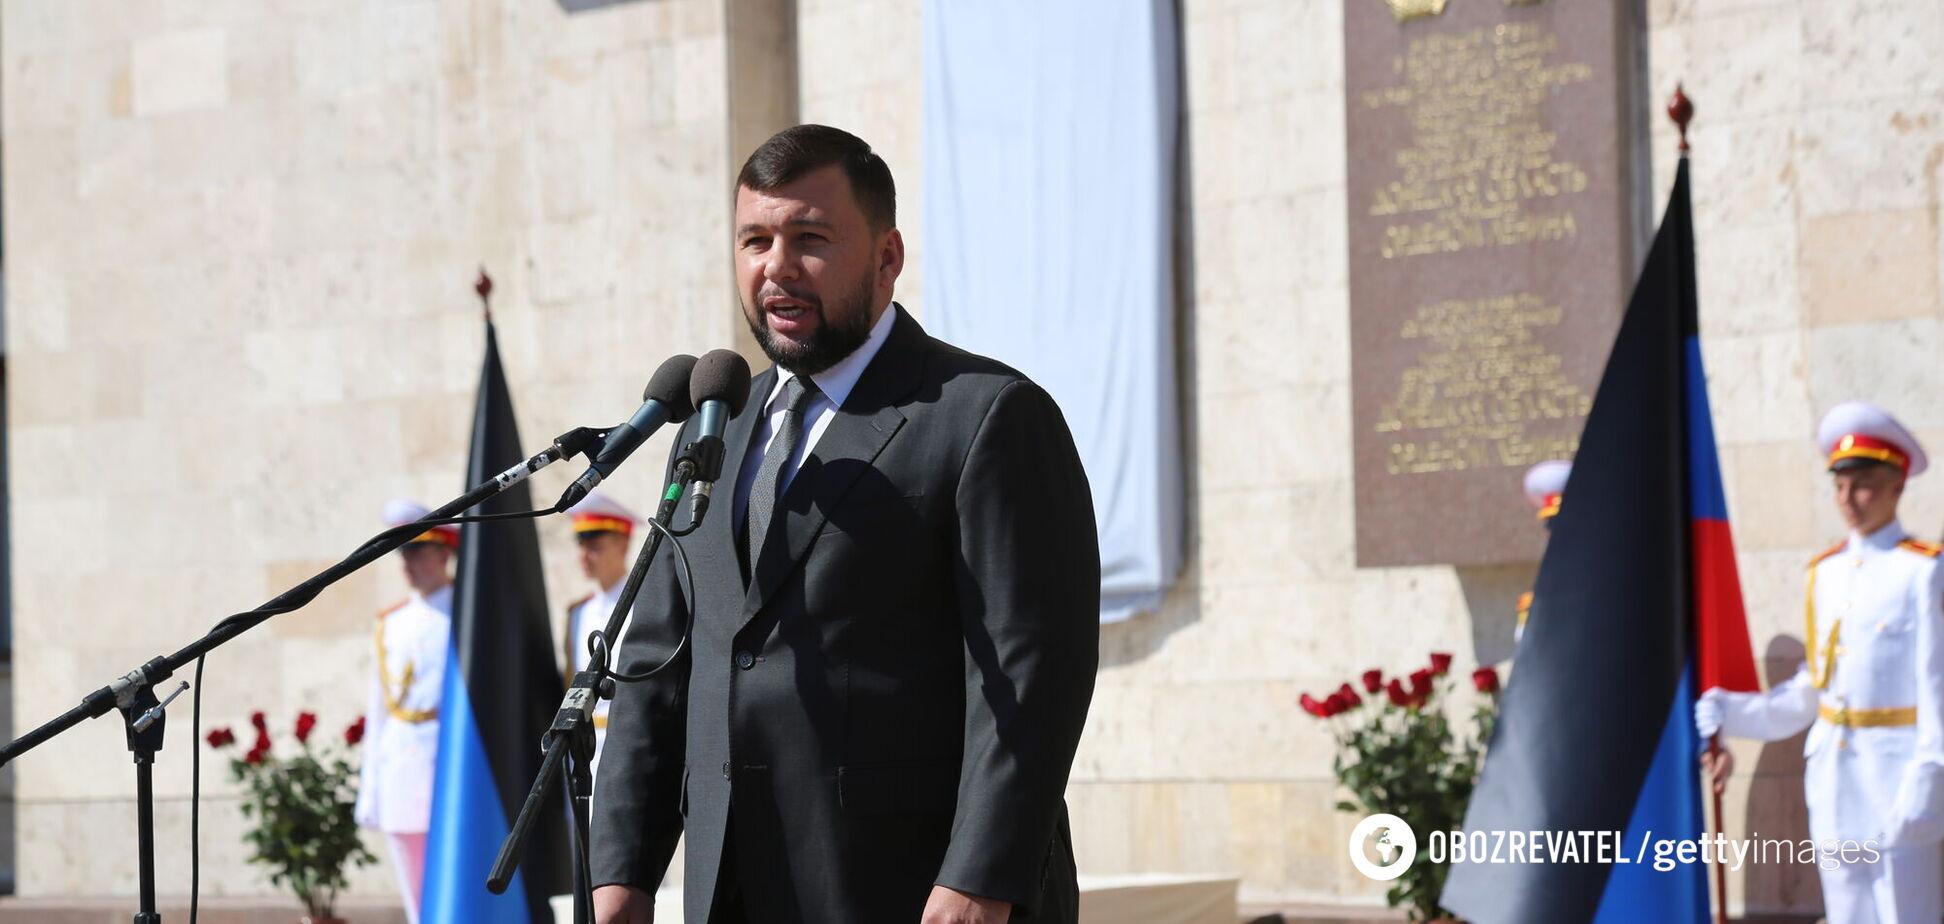 Пушилин заявил, что отменил указ 'об уничтожении позиций ВСУ'